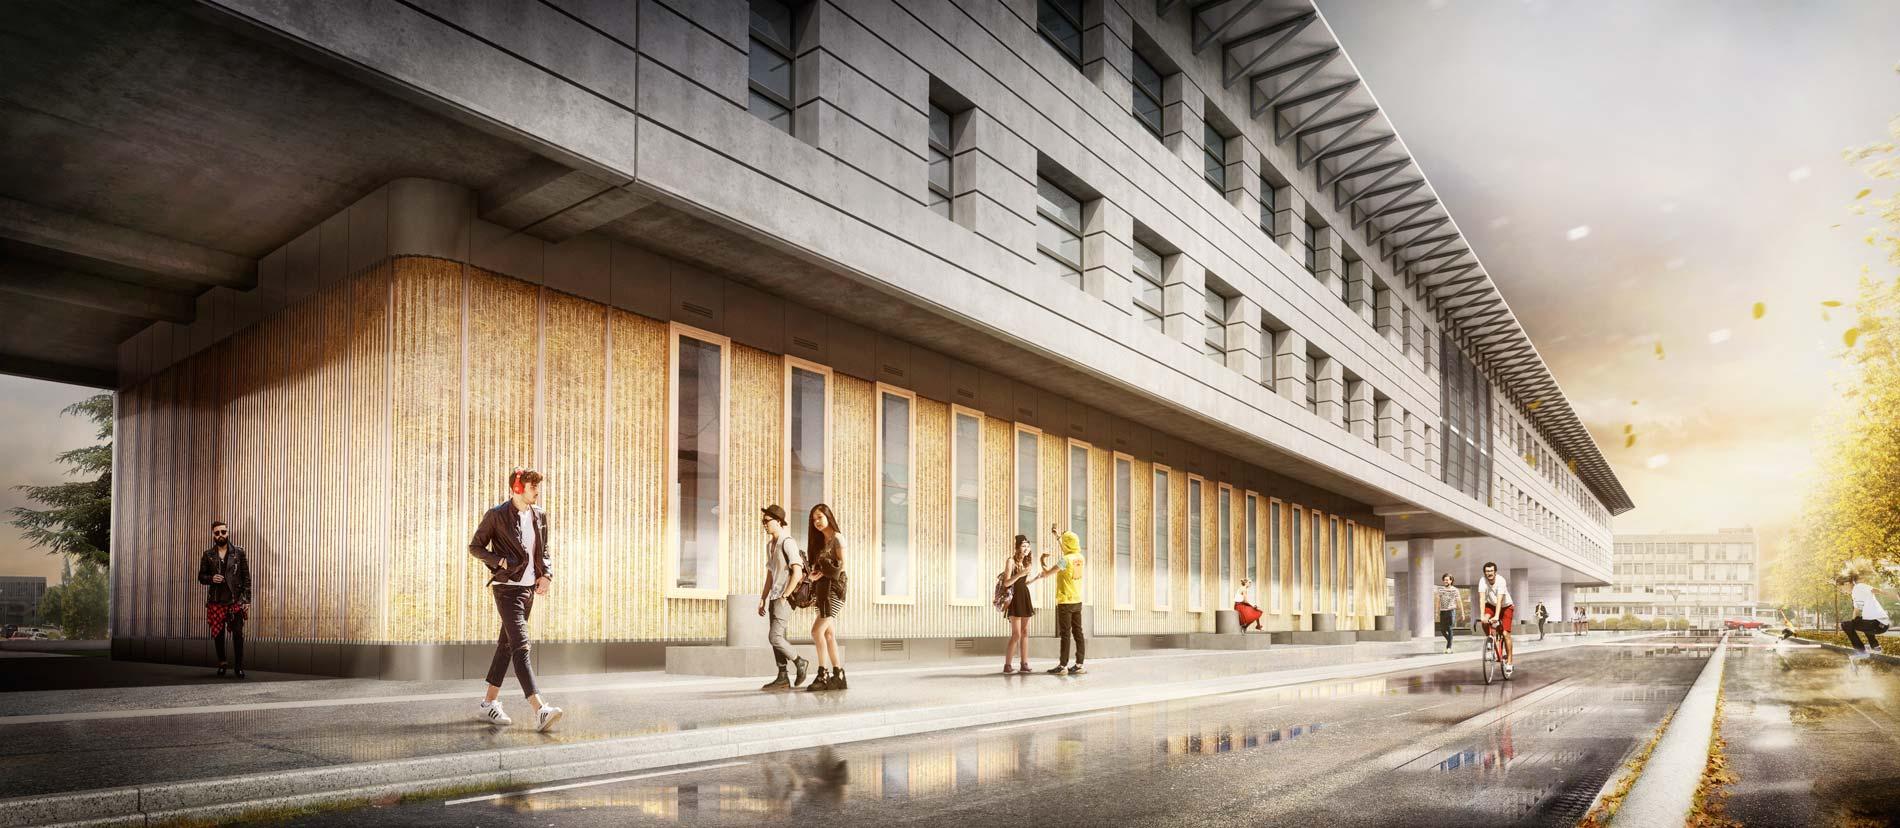 Pr fabrique de l 39 innovation le off dd for Z architecture william vassal